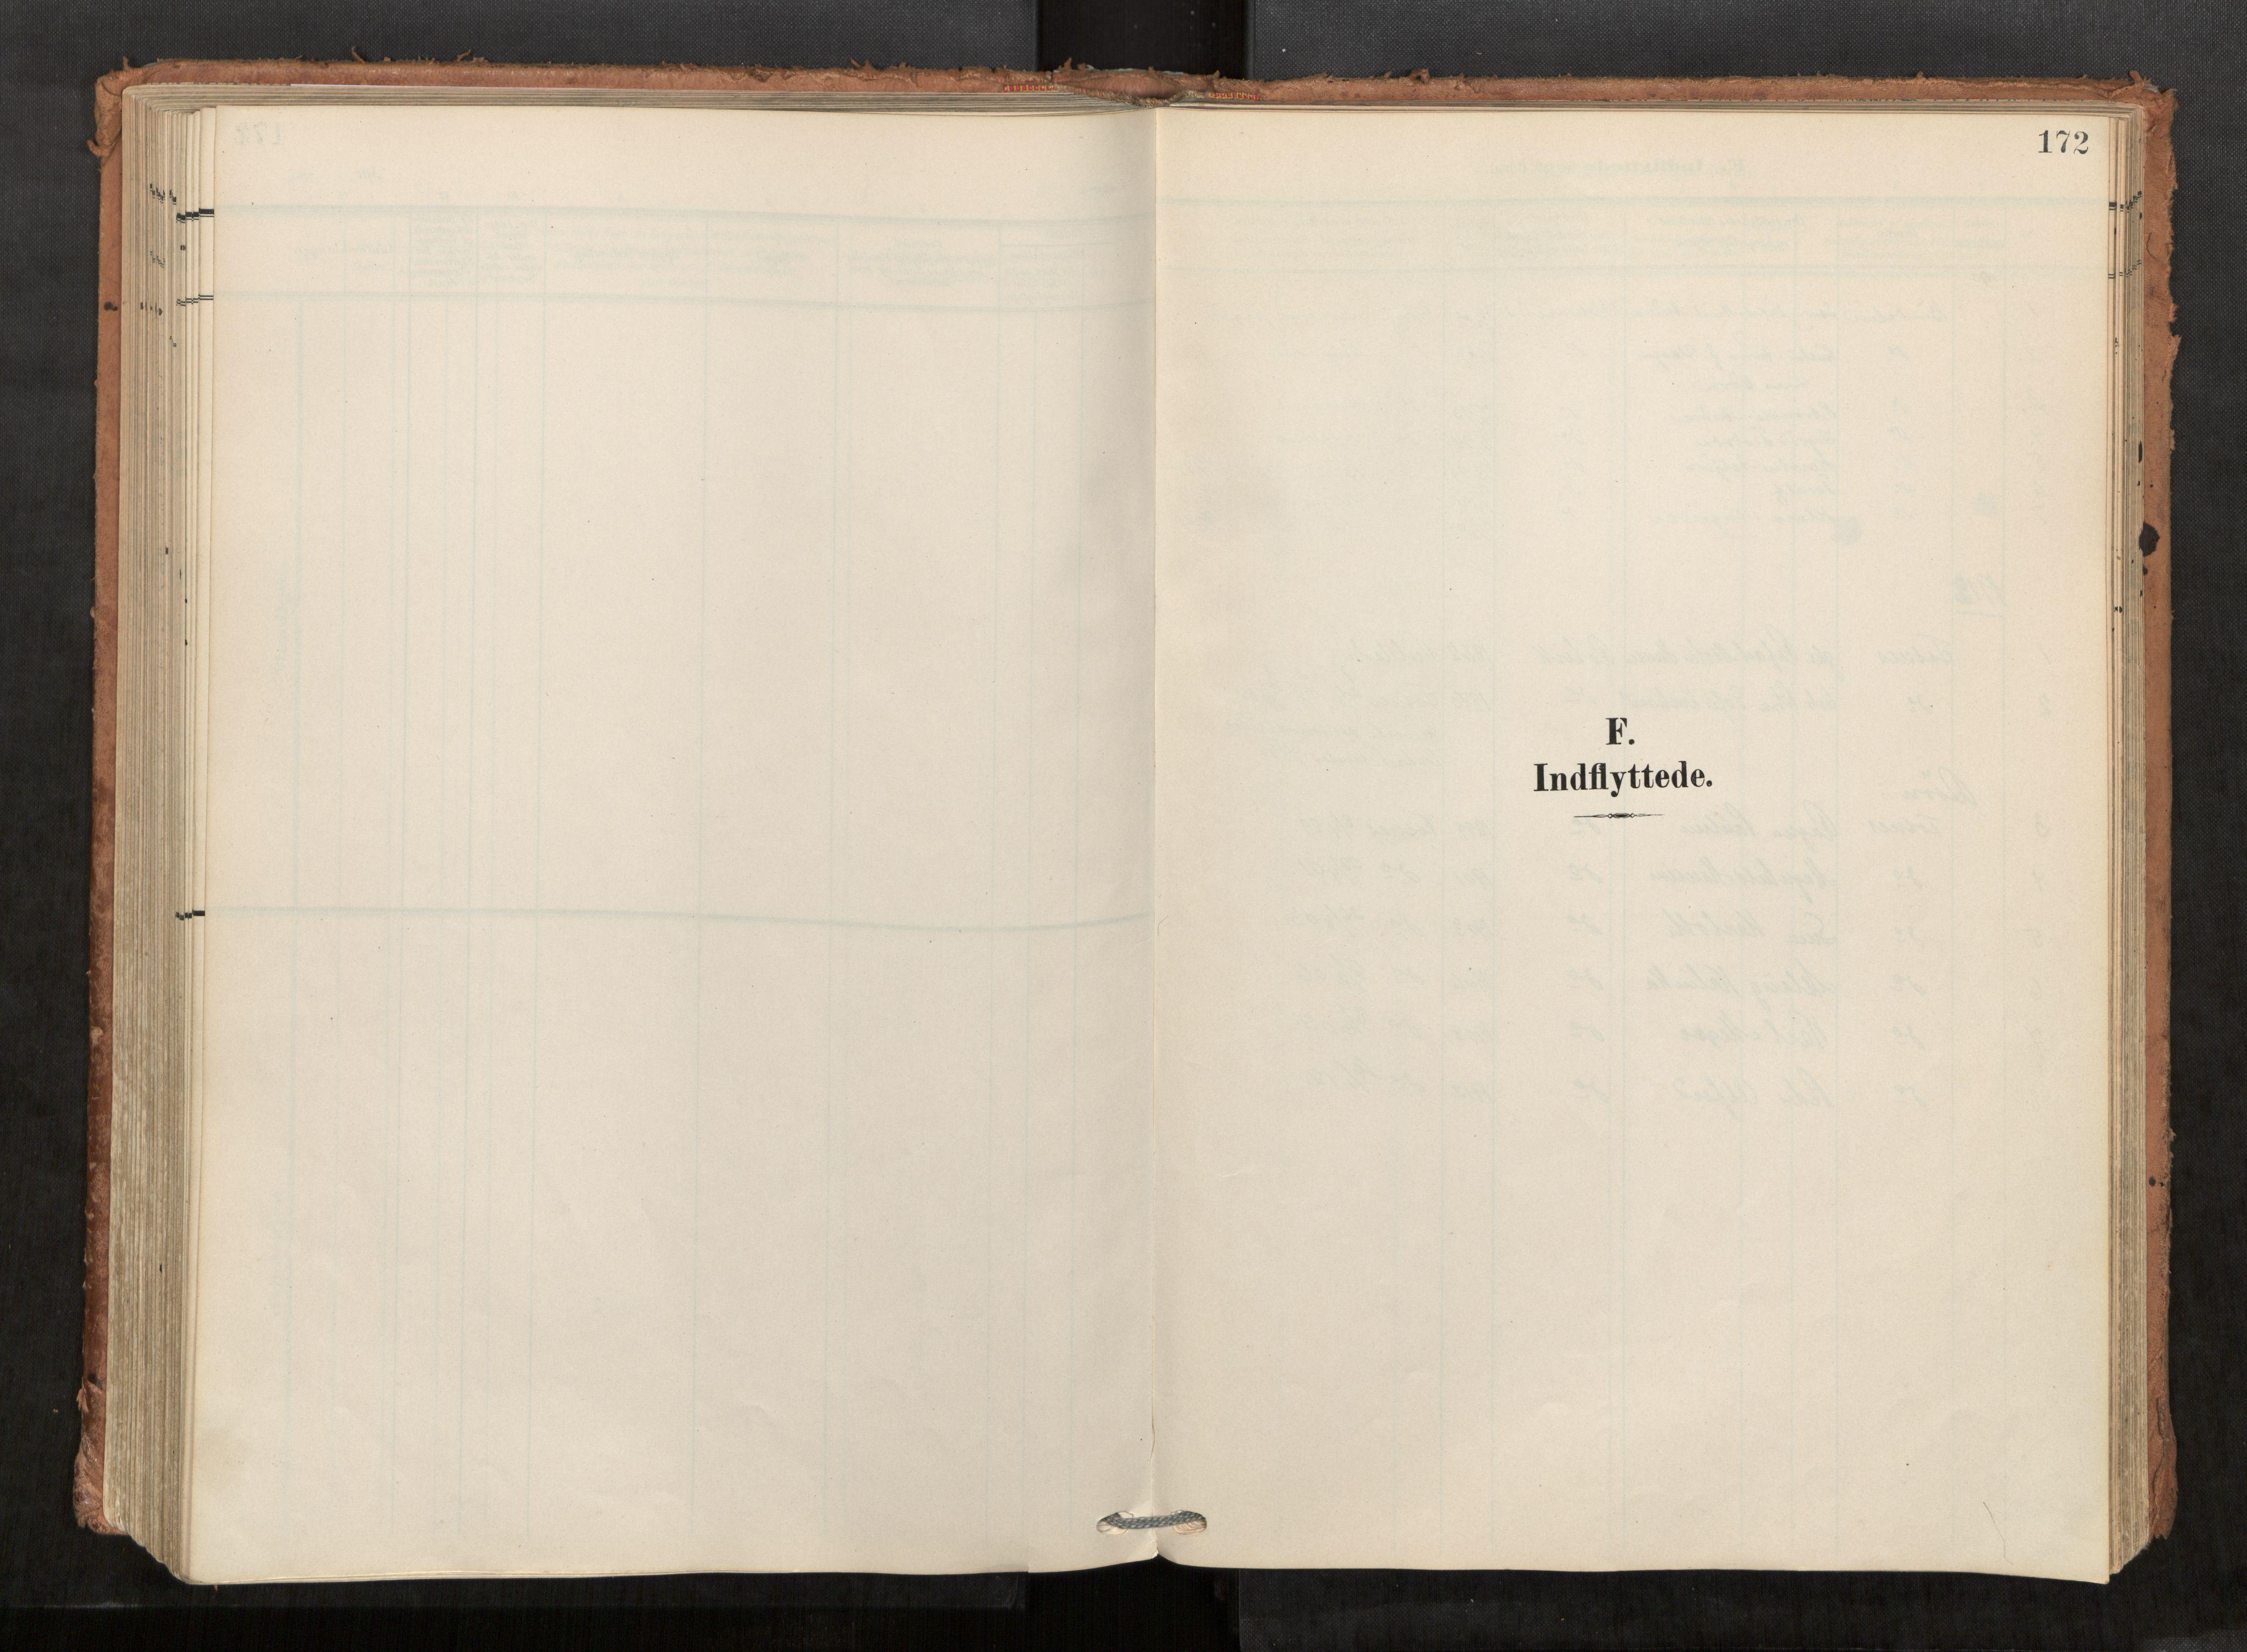 SAT, Kolvereid sokneprestkontor, H/Ha/Haa/L0001: Parish register (official) no. 1, 1903-1922, p. 172